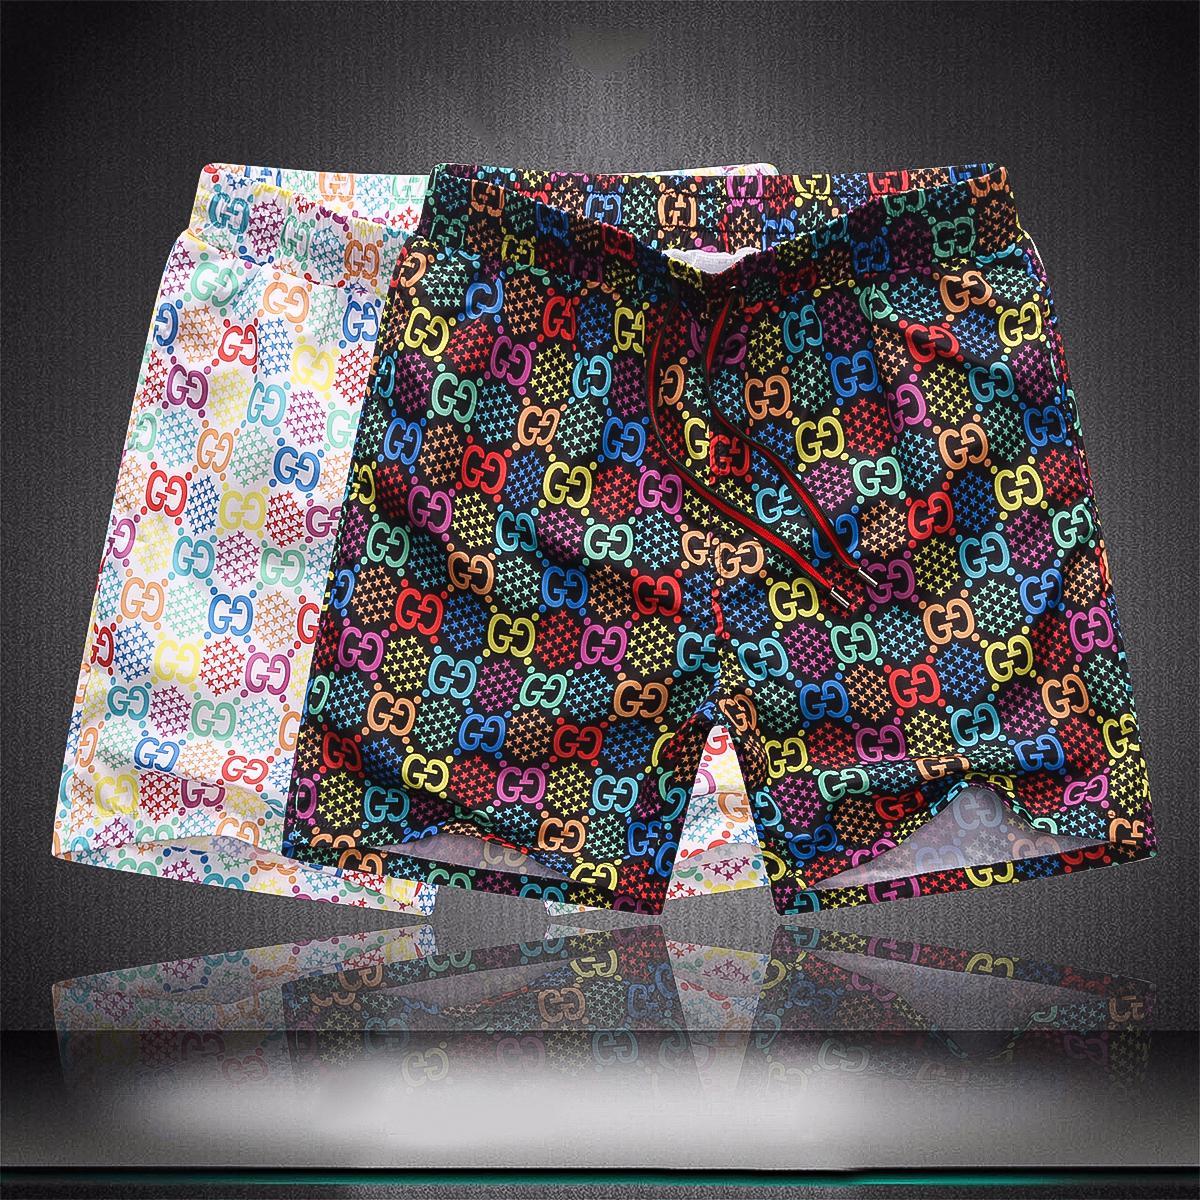 20ss 여름 고급 반바지 새로운 디자이너 보드 짧은 빠른 건조 수영복 인쇄 보드 비치 바지 남성 남성 수영 반바지 Q8